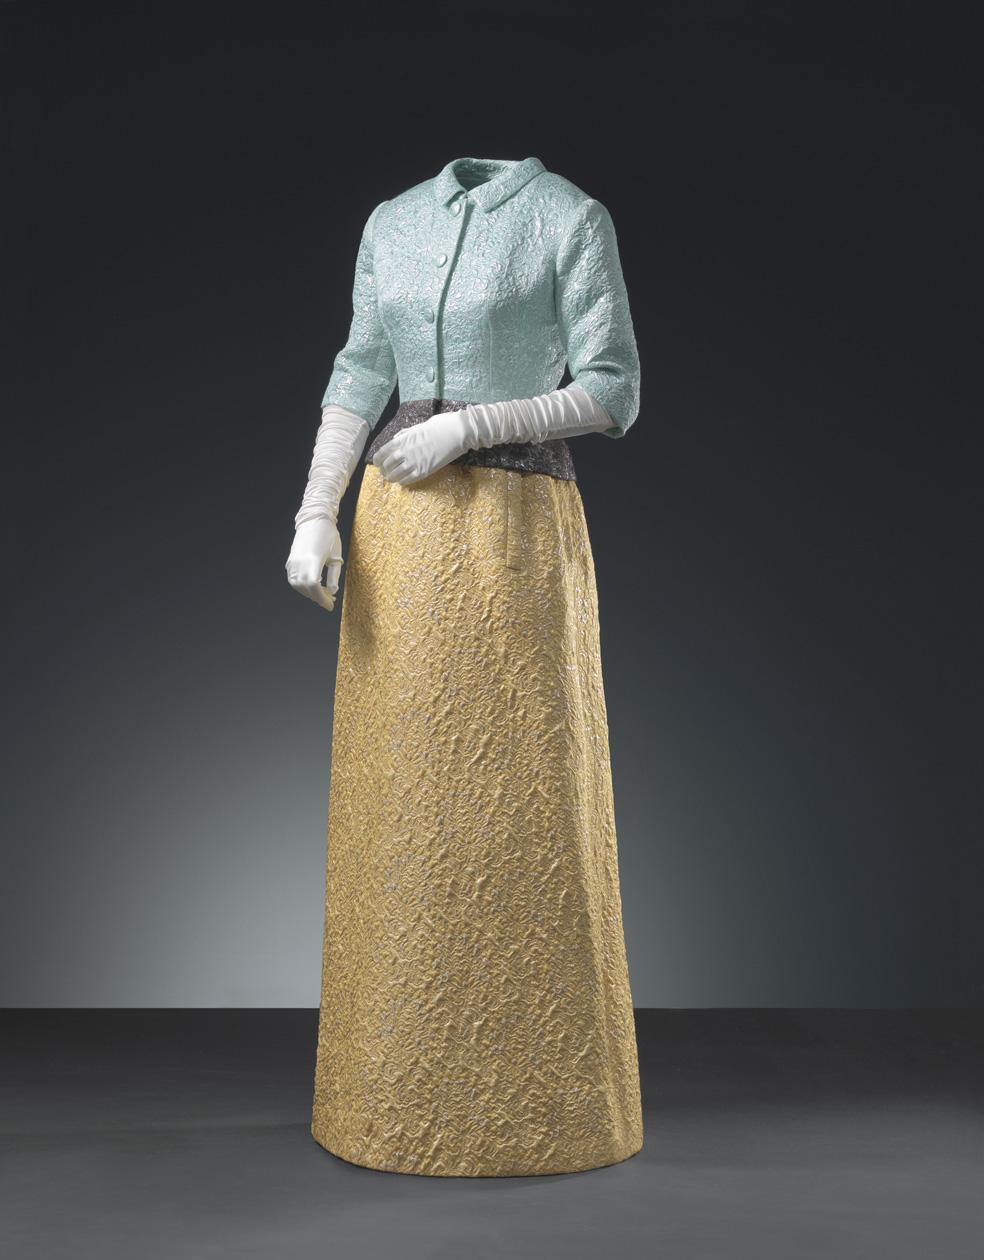 Conjunto de noche compuesto de chaqueta en cloqué de plata con fondo azul y falda en cloqué de plata y oro